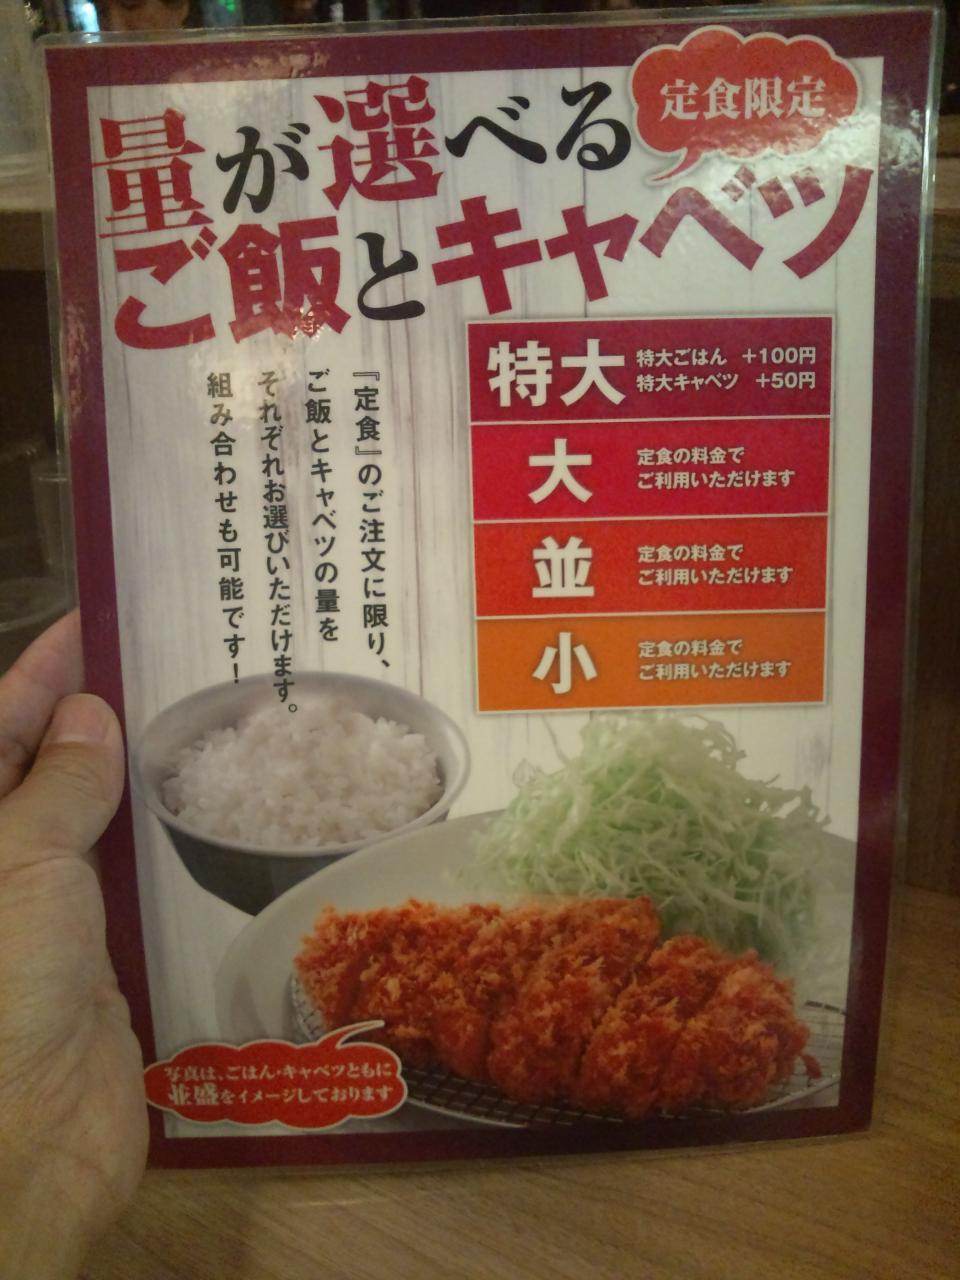 坂井精肉店高田馬場店(メニュー)